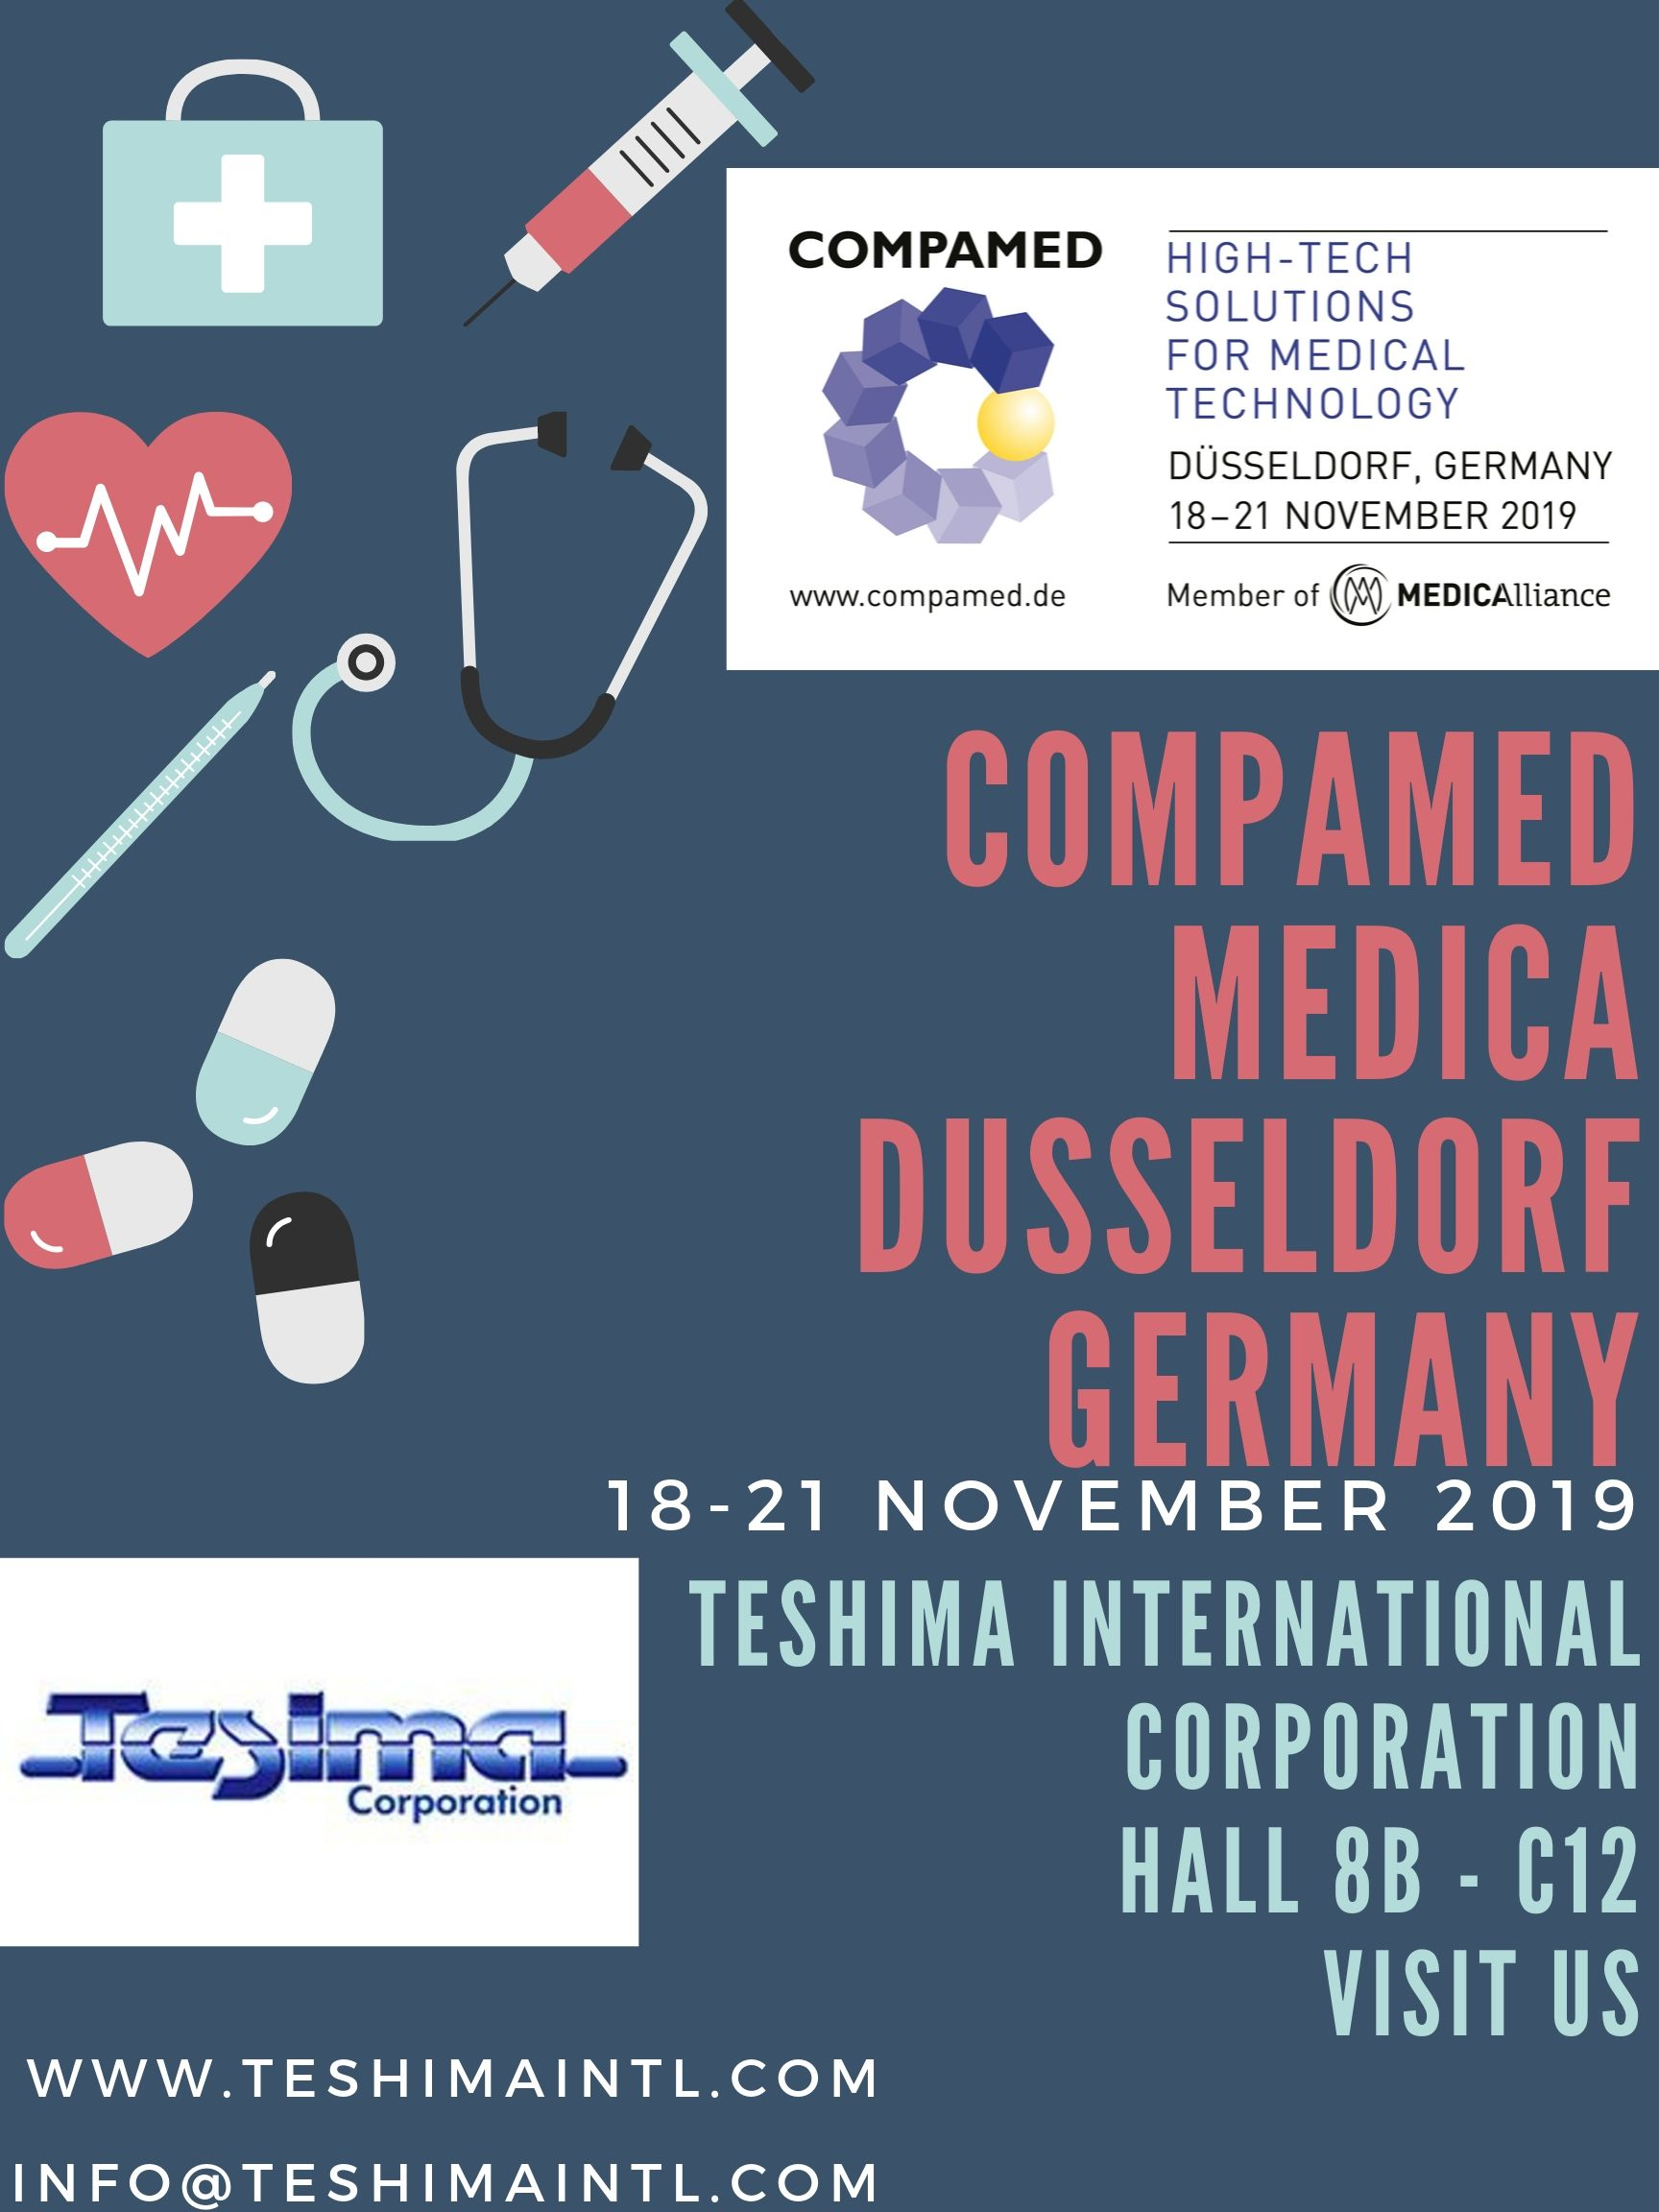 Compamed Medica Dusseldorf